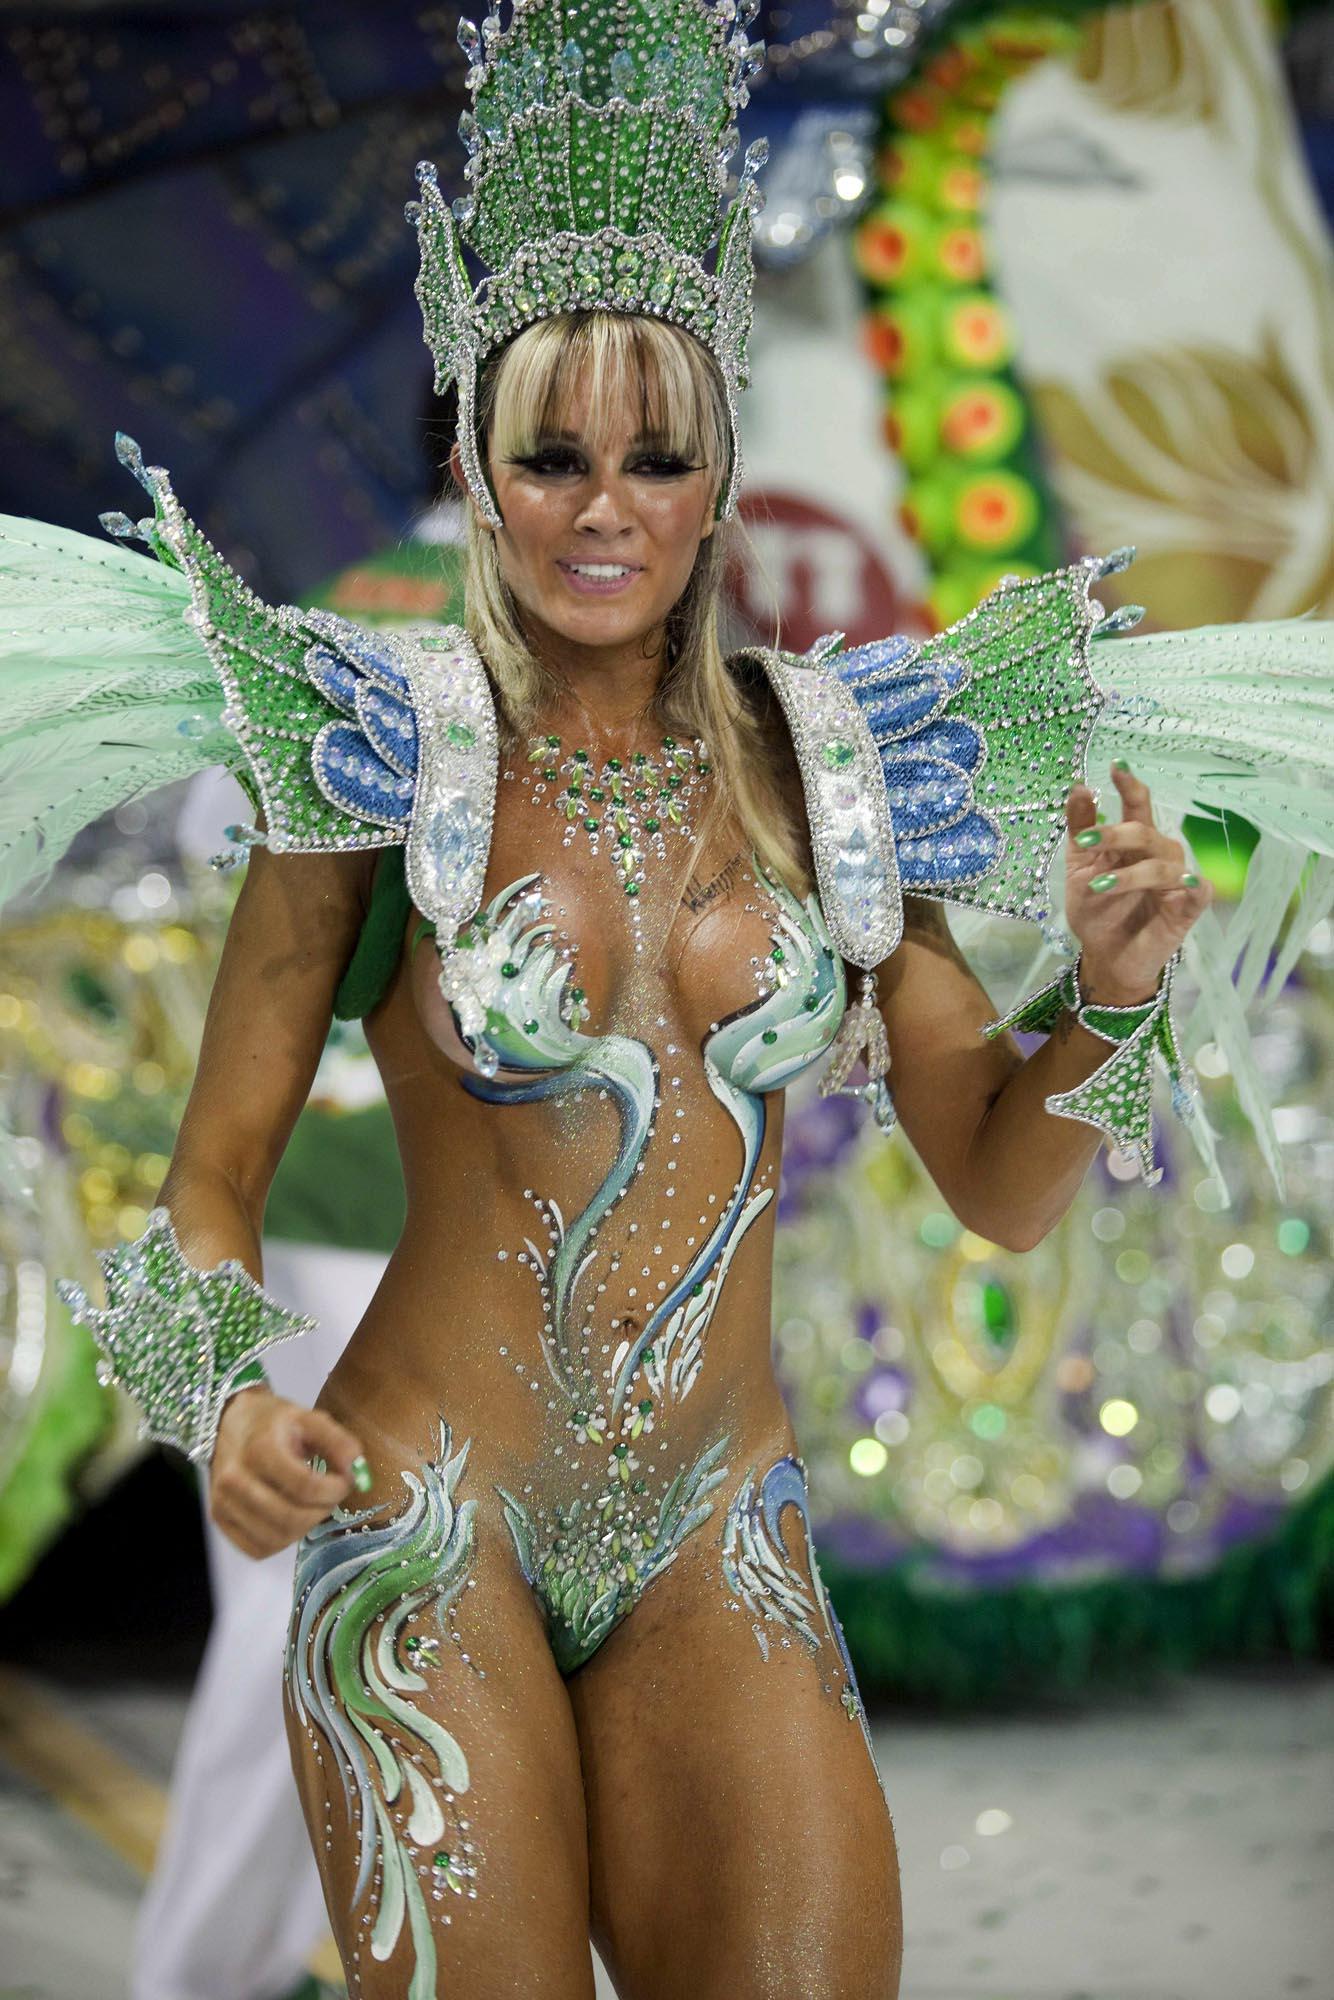 Трусики на бразильском карнавале 9 фотография